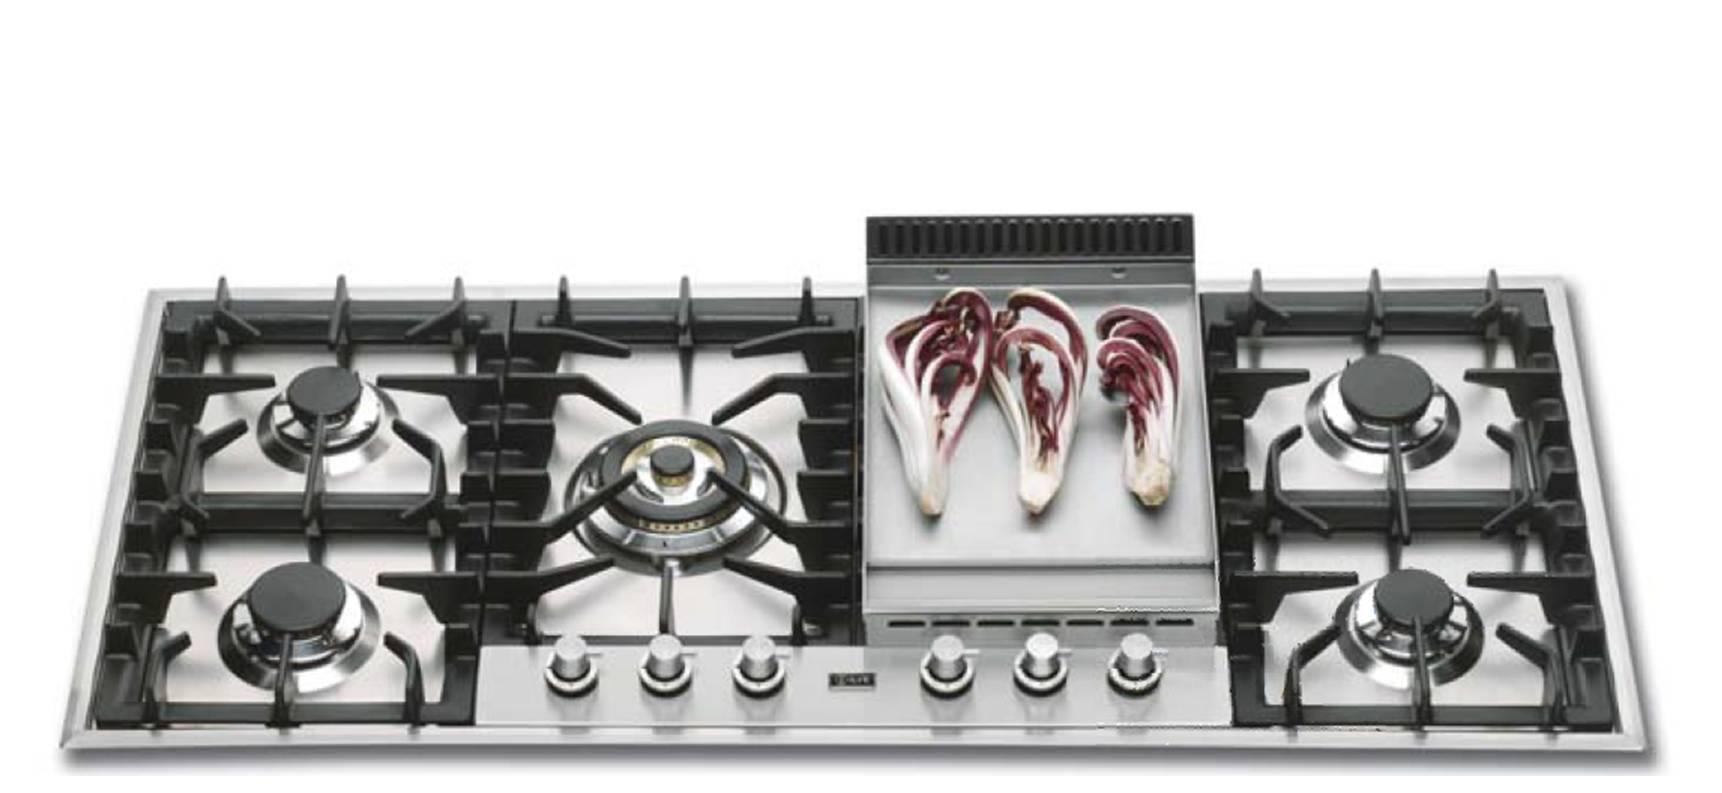 ets bonnel ilve plaque cuisson gaz h125fc 6 br leurs. Black Bedroom Furniture Sets. Home Design Ideas